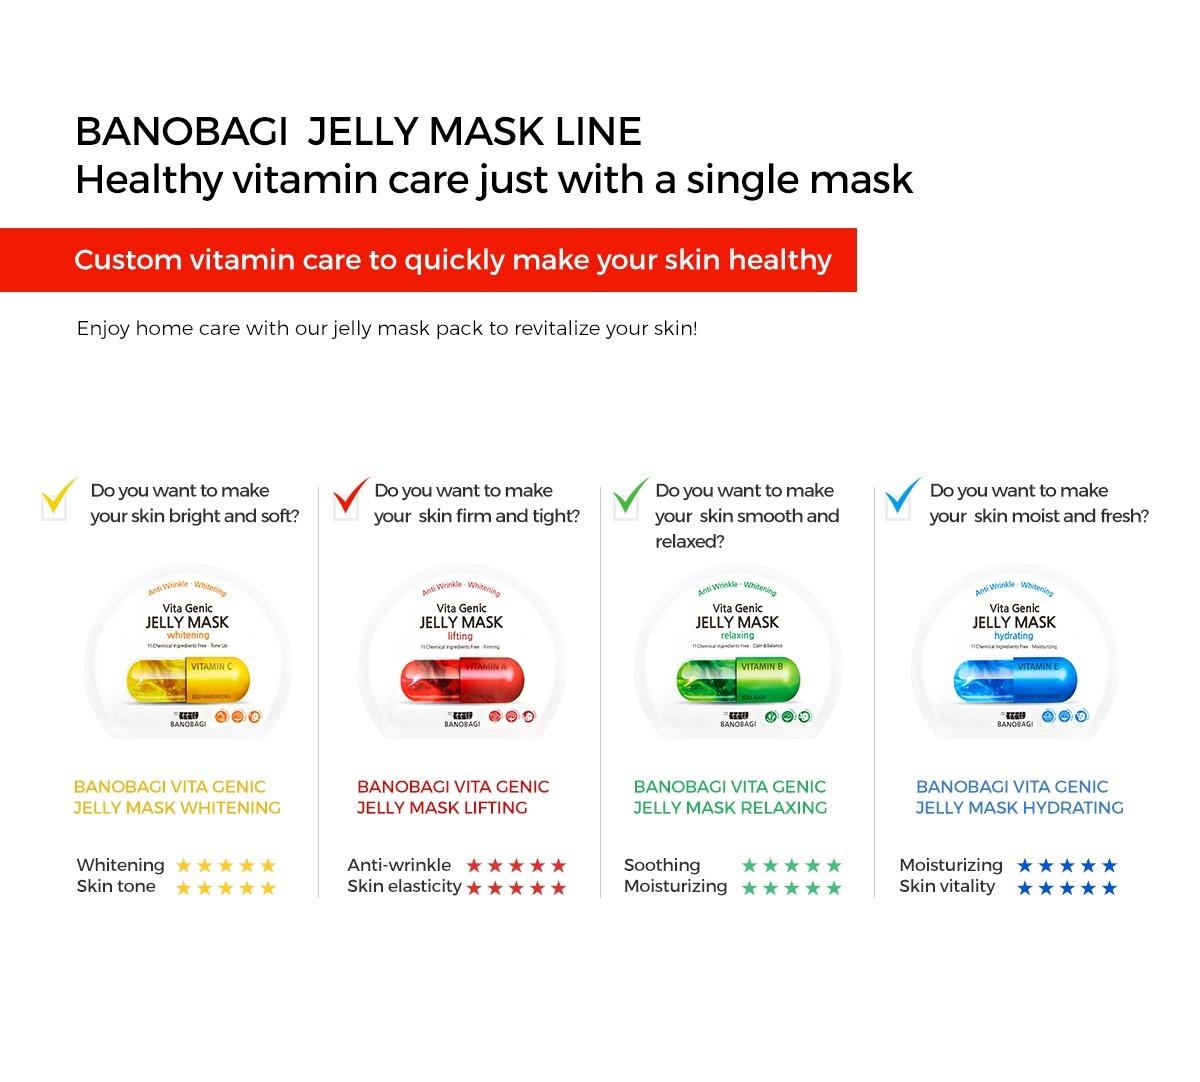 Vita Genic Jelly Mask Lifting-6